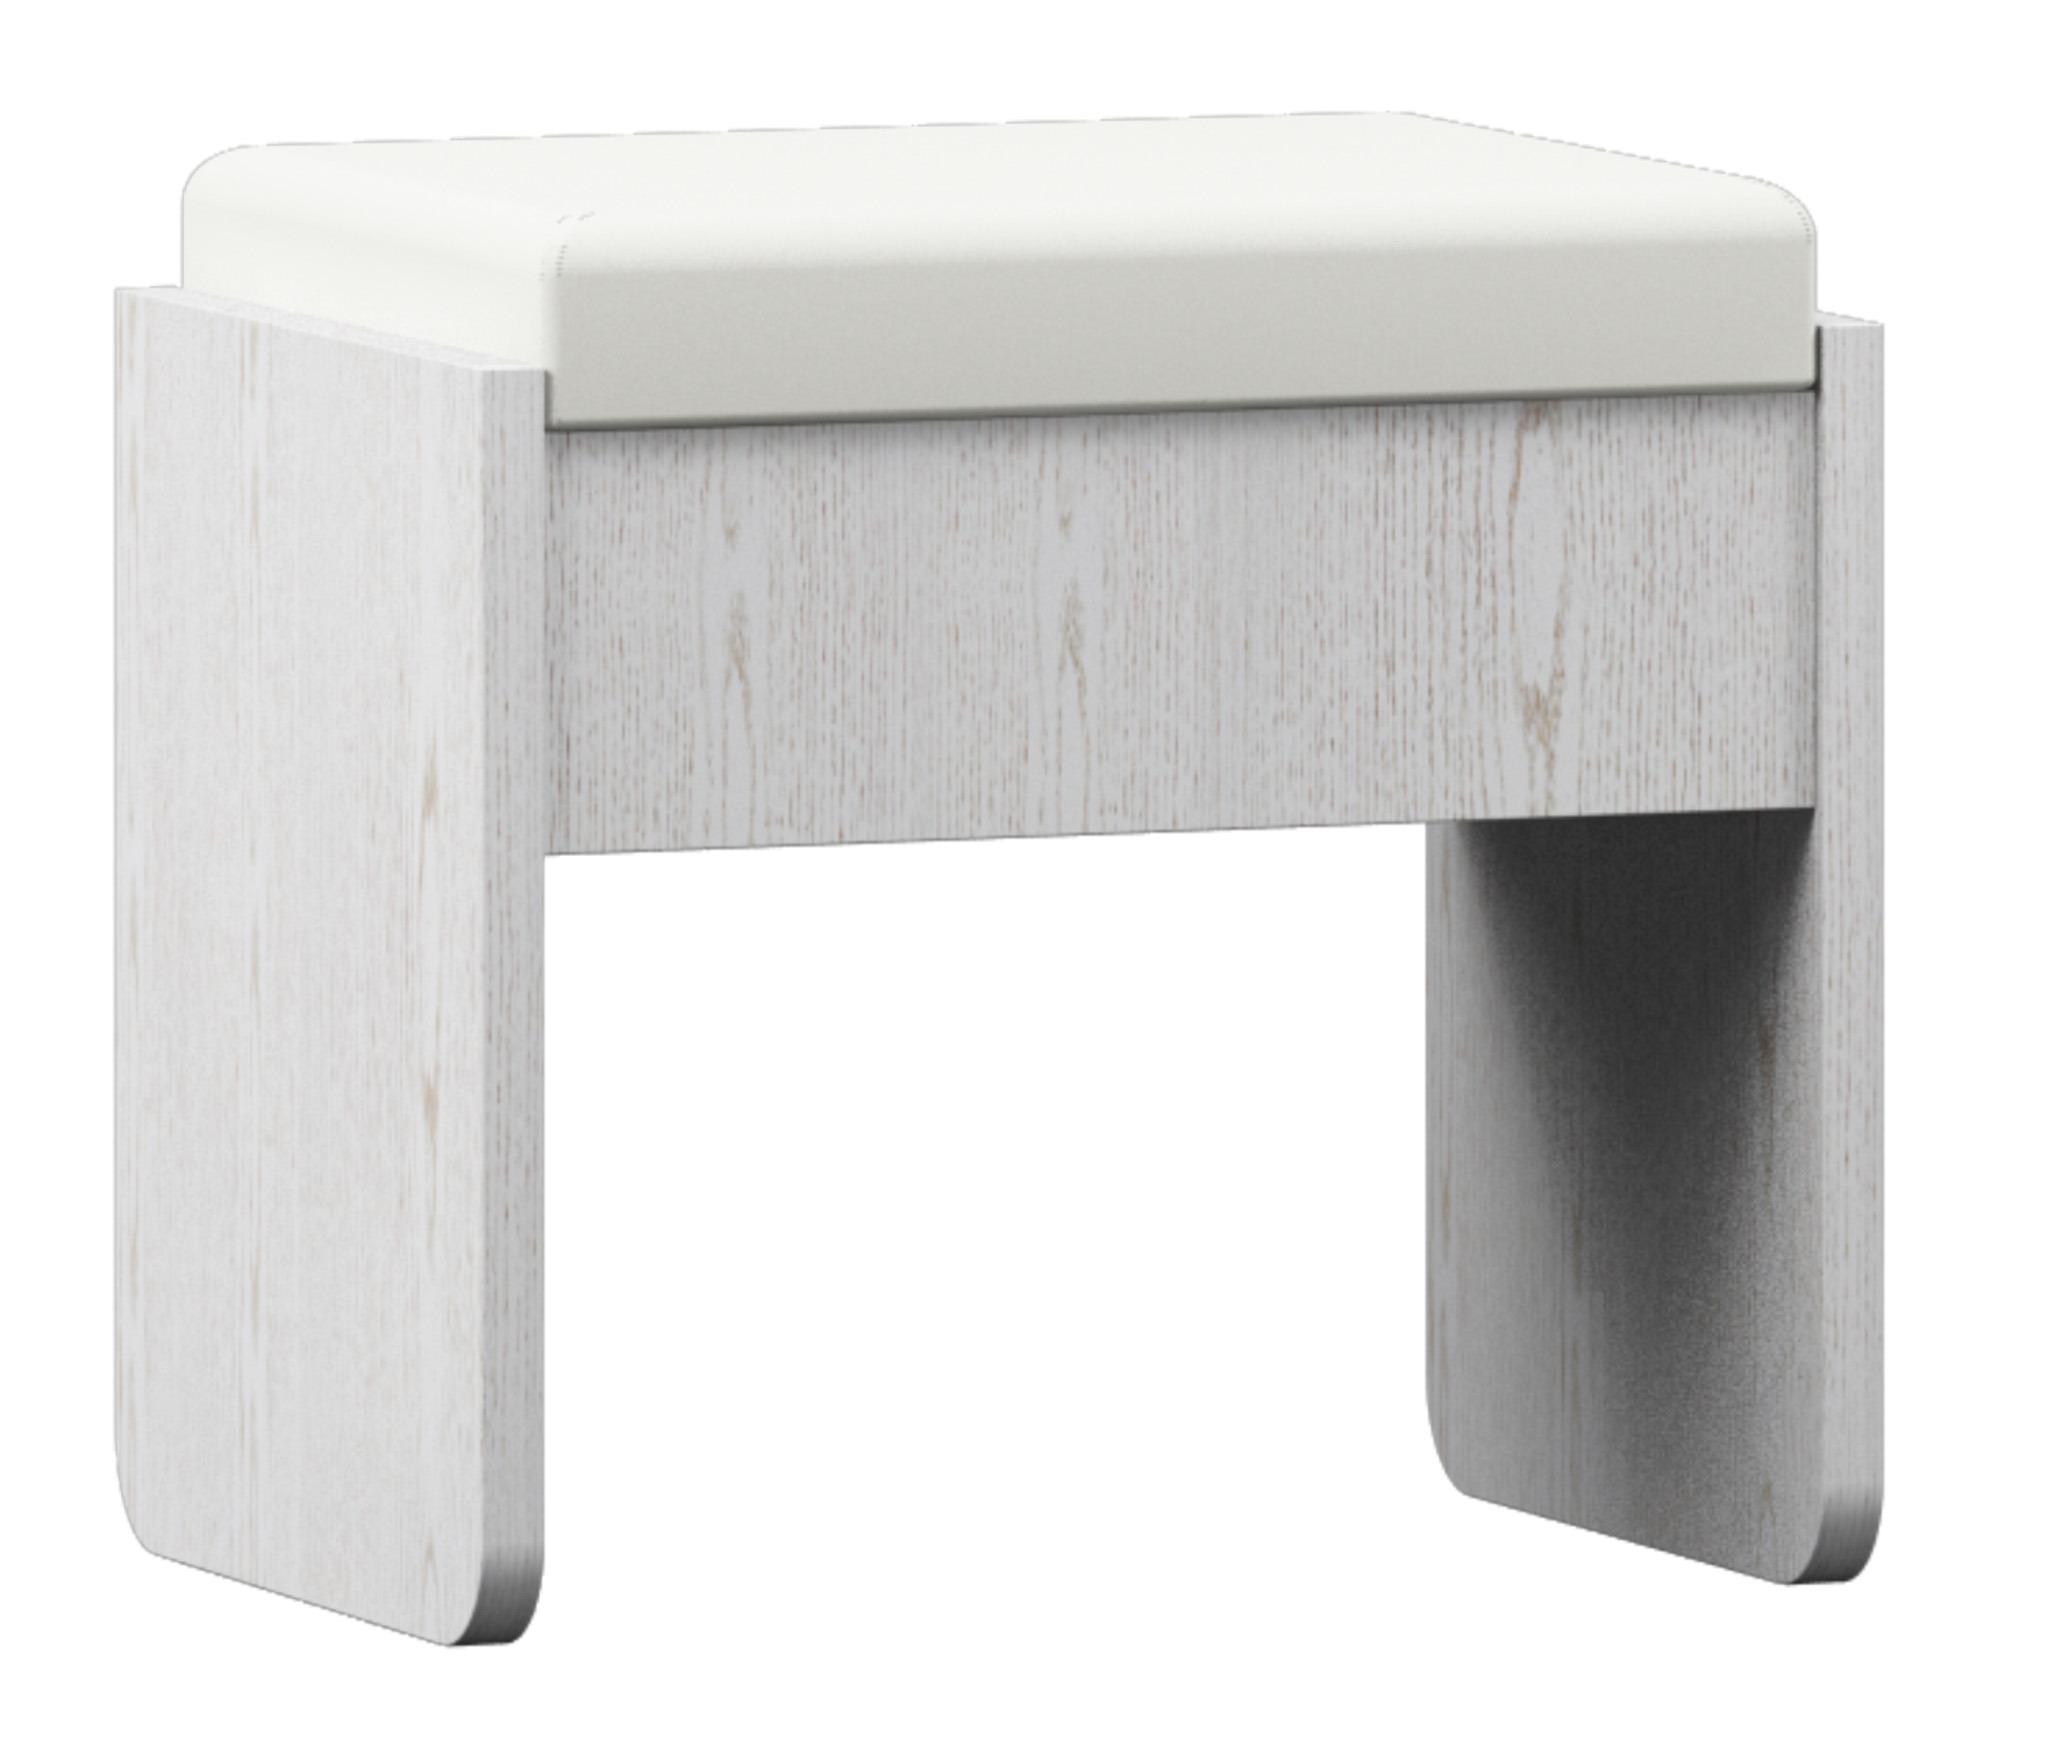 Версаль СБ-2320 ПуфикМебель для спальни<br><br><br>Длина мм: 496<br>Высота мм: 471<br>Глубина мм: 350<br>Механизм: Без механизма<br>Мягкая мебель: Пуф